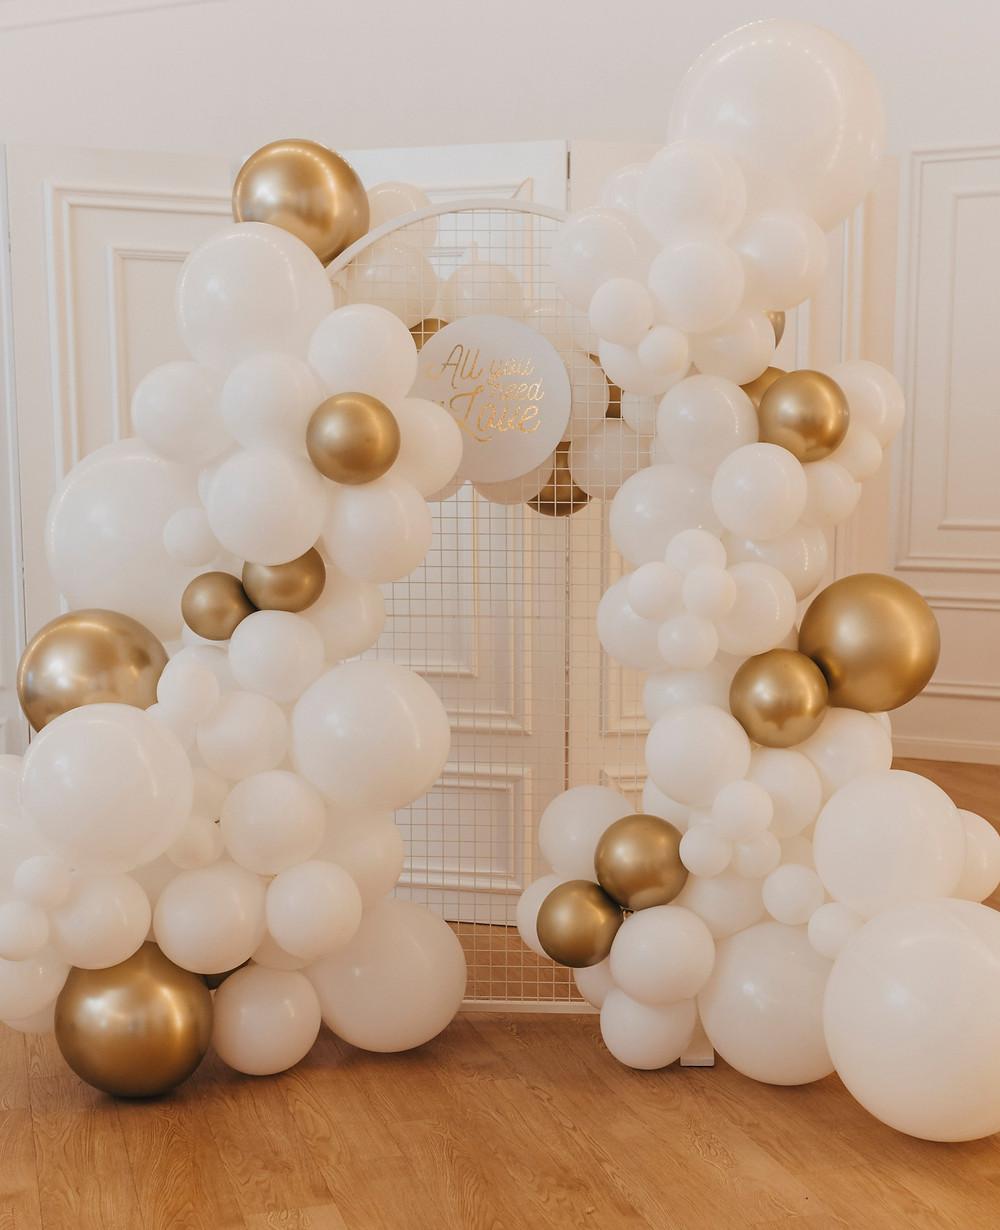 suknia ślubna, panna młoda, sukienka ślub, och balon, wesele, wesele glamour, glamour, sesja ślubna, dekoracje balonowe, balony, balony Lublin, ścianka balonowa, ścianka do zdjęć, tort weselny, słodki stół, dekoracje weselne, fotograf Lublin, Rezydencja w Szczerym Polu, wesele Lublin, wesele lubelskie, wedding balloons, Niewęgłowski